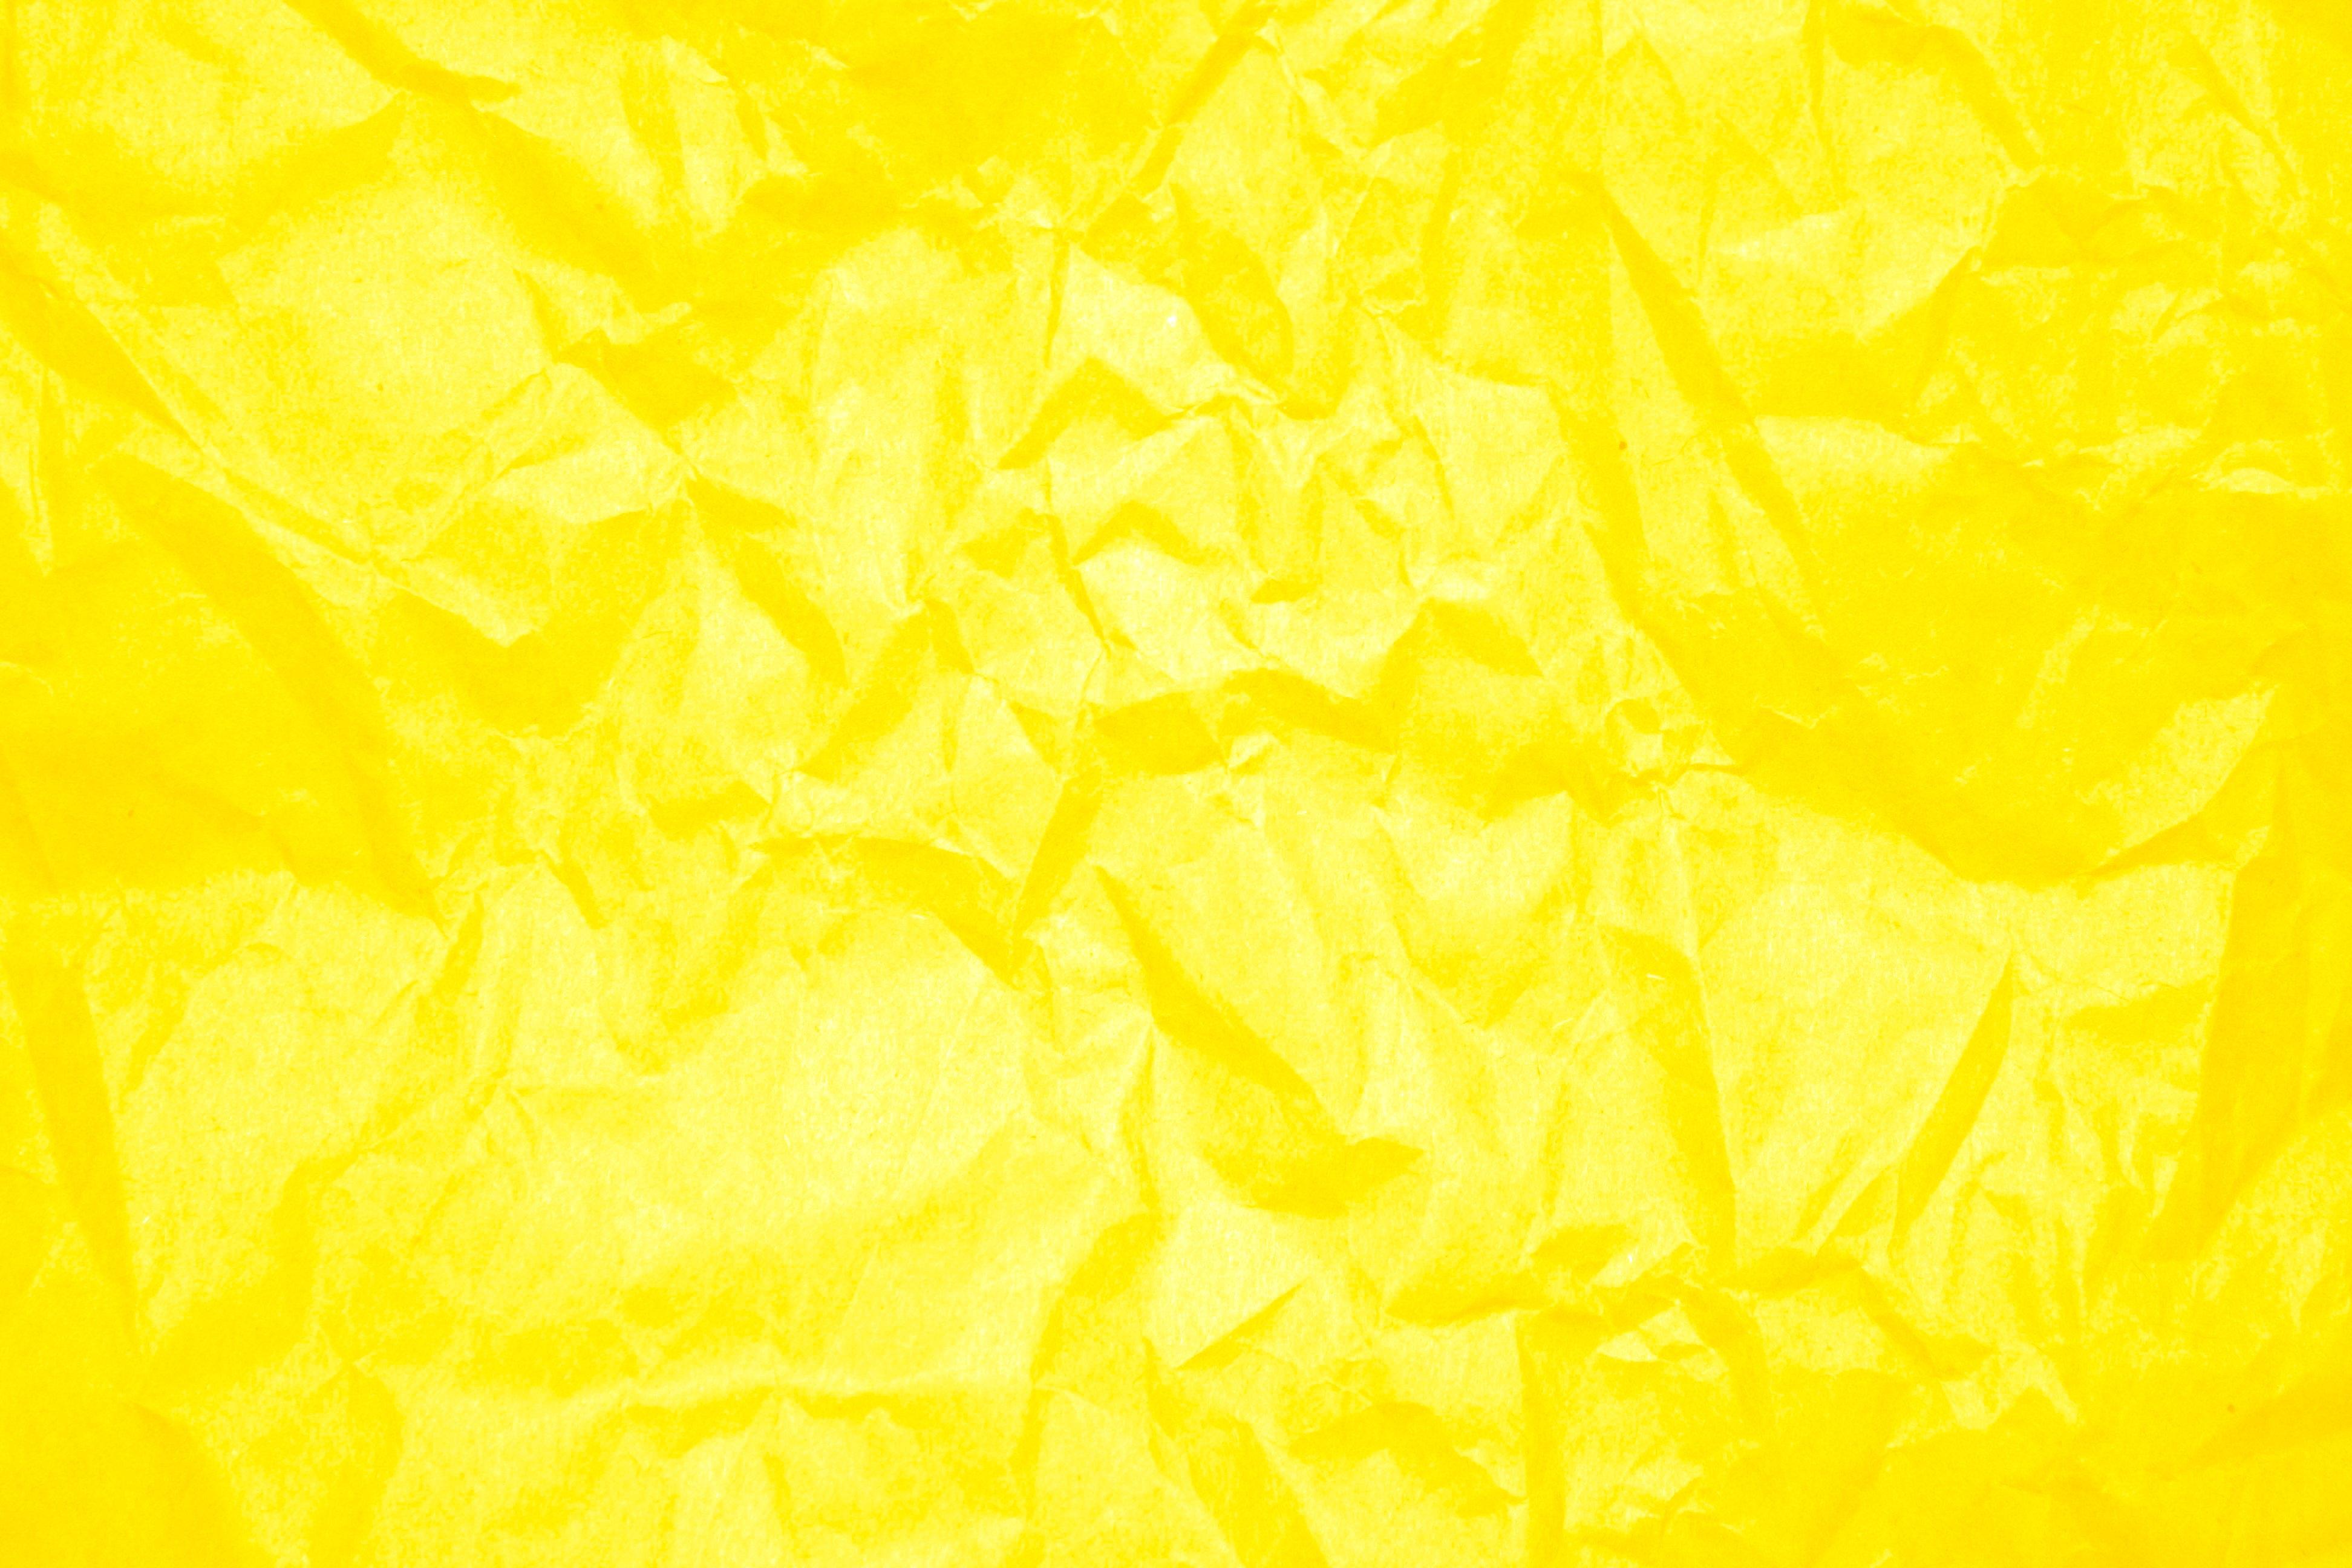 другому желтые фоны для презентаций даже